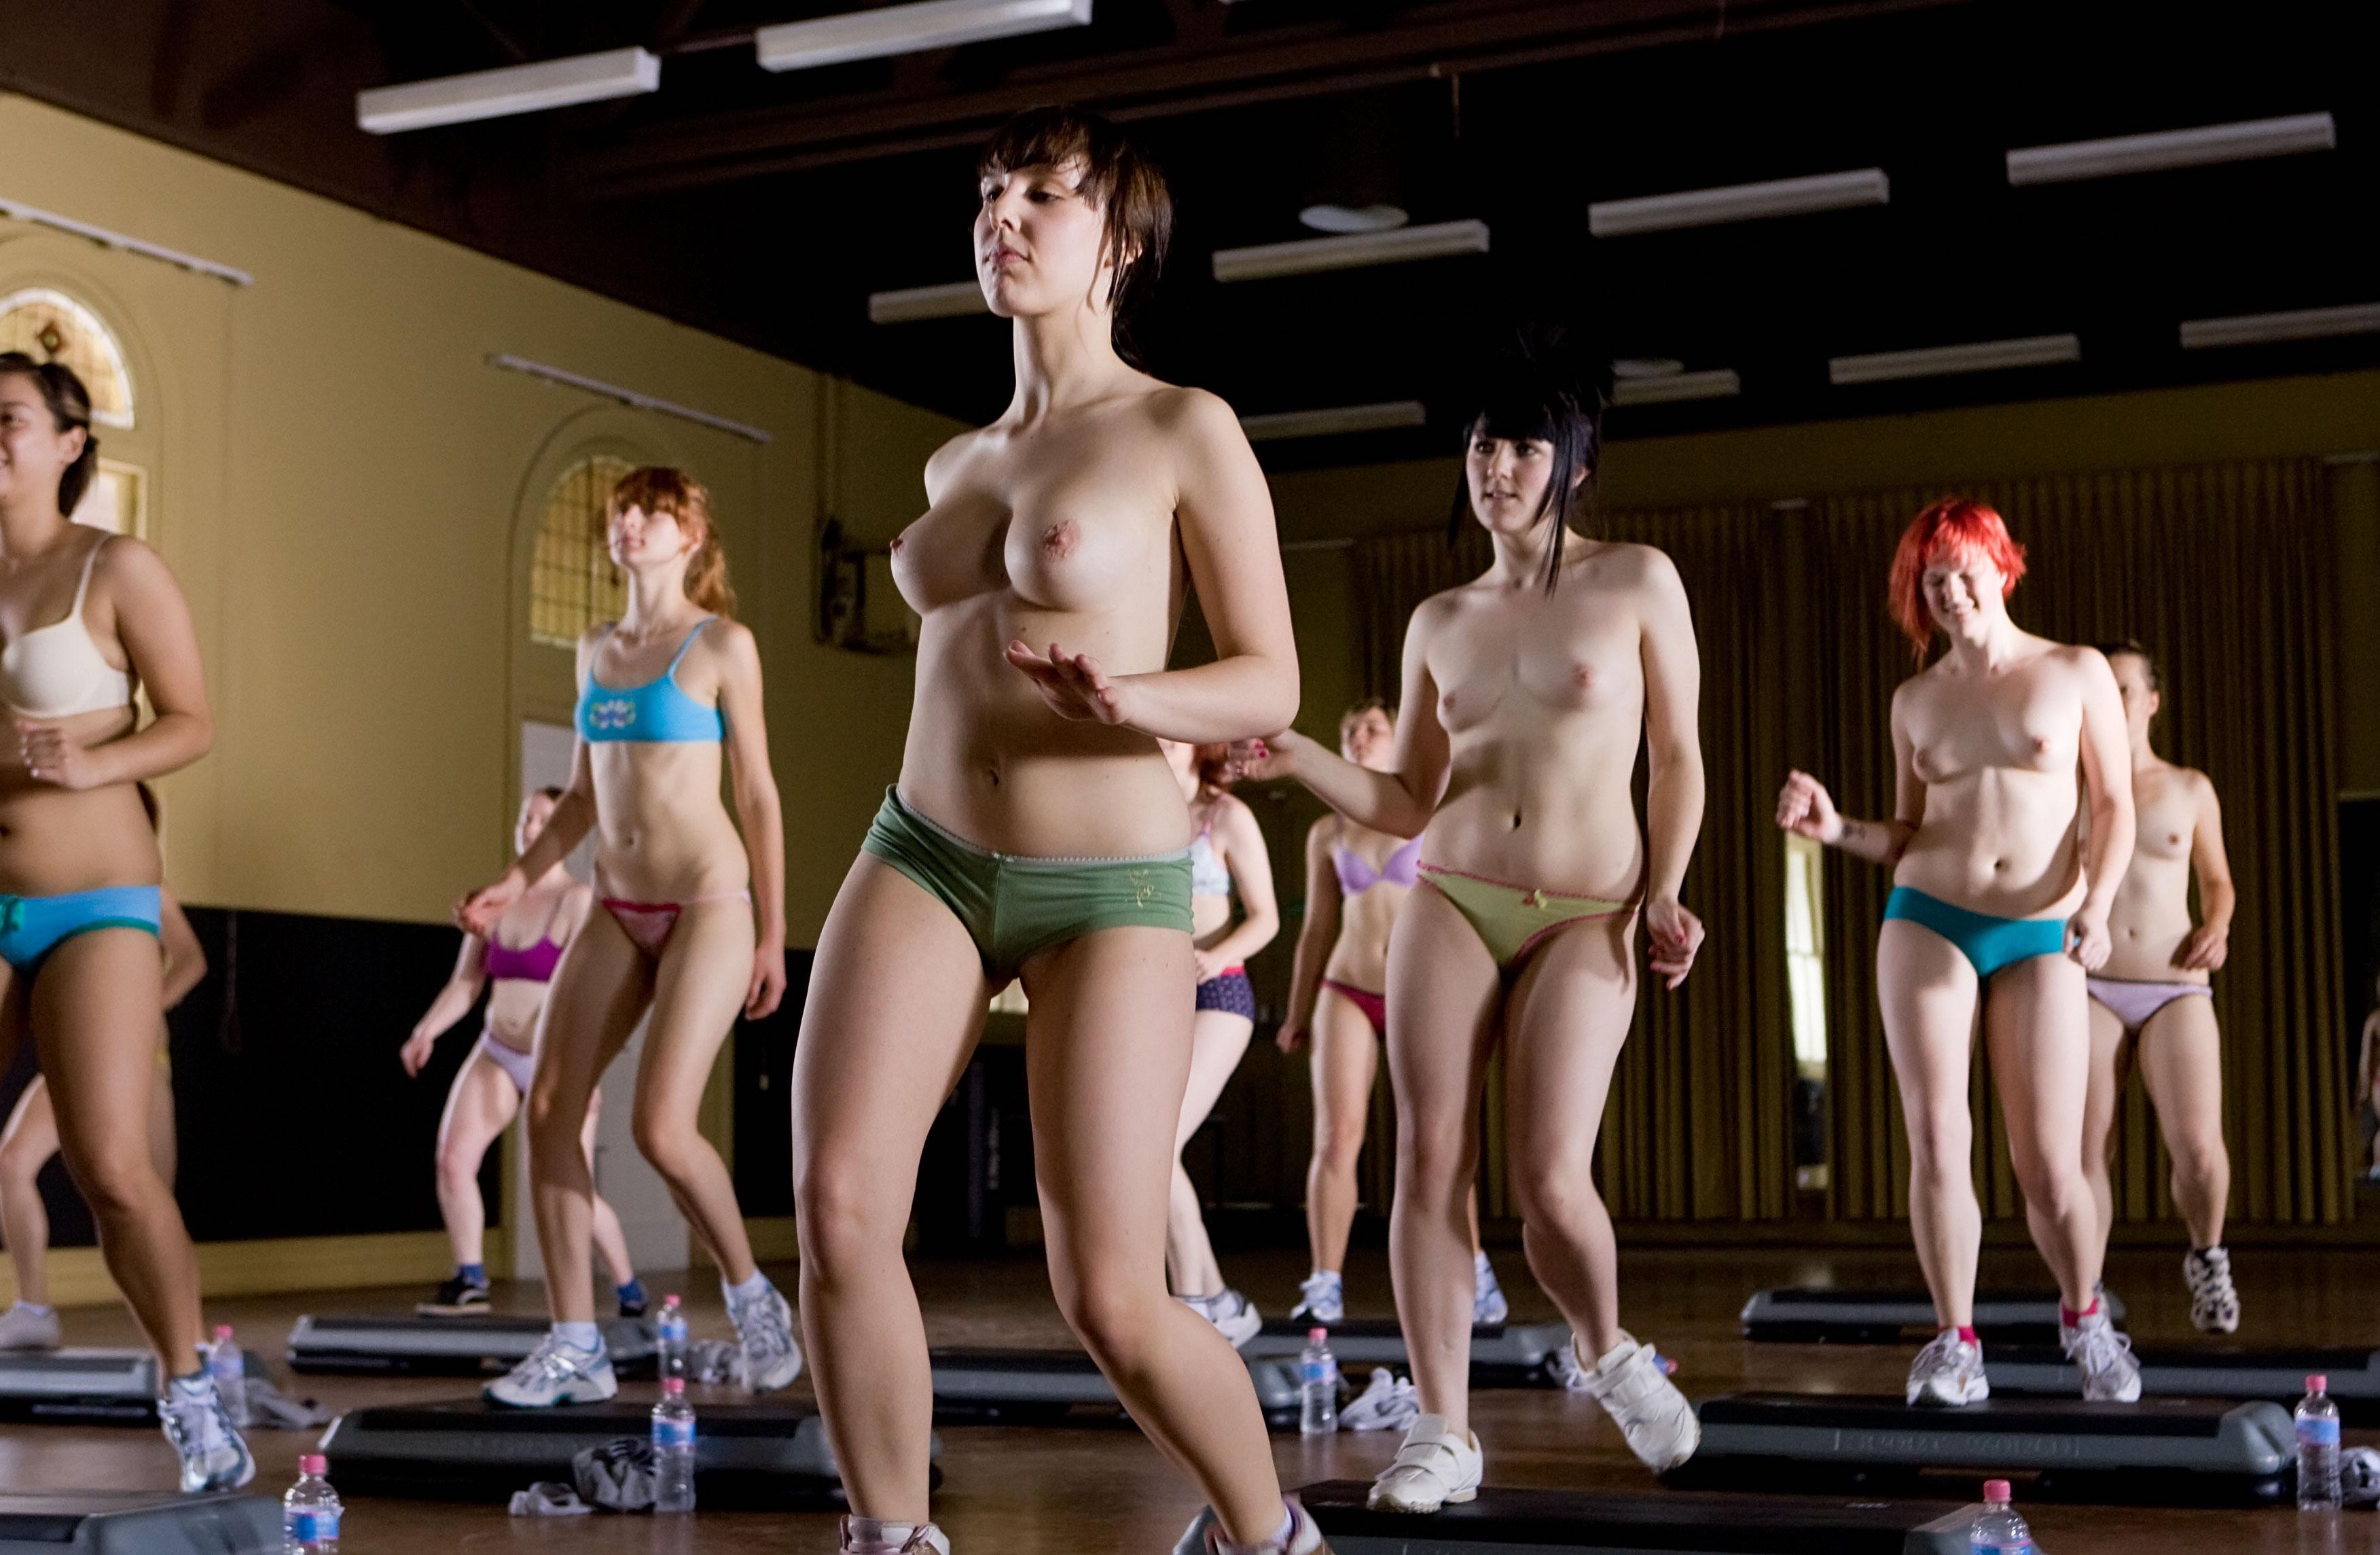 Naked exercise